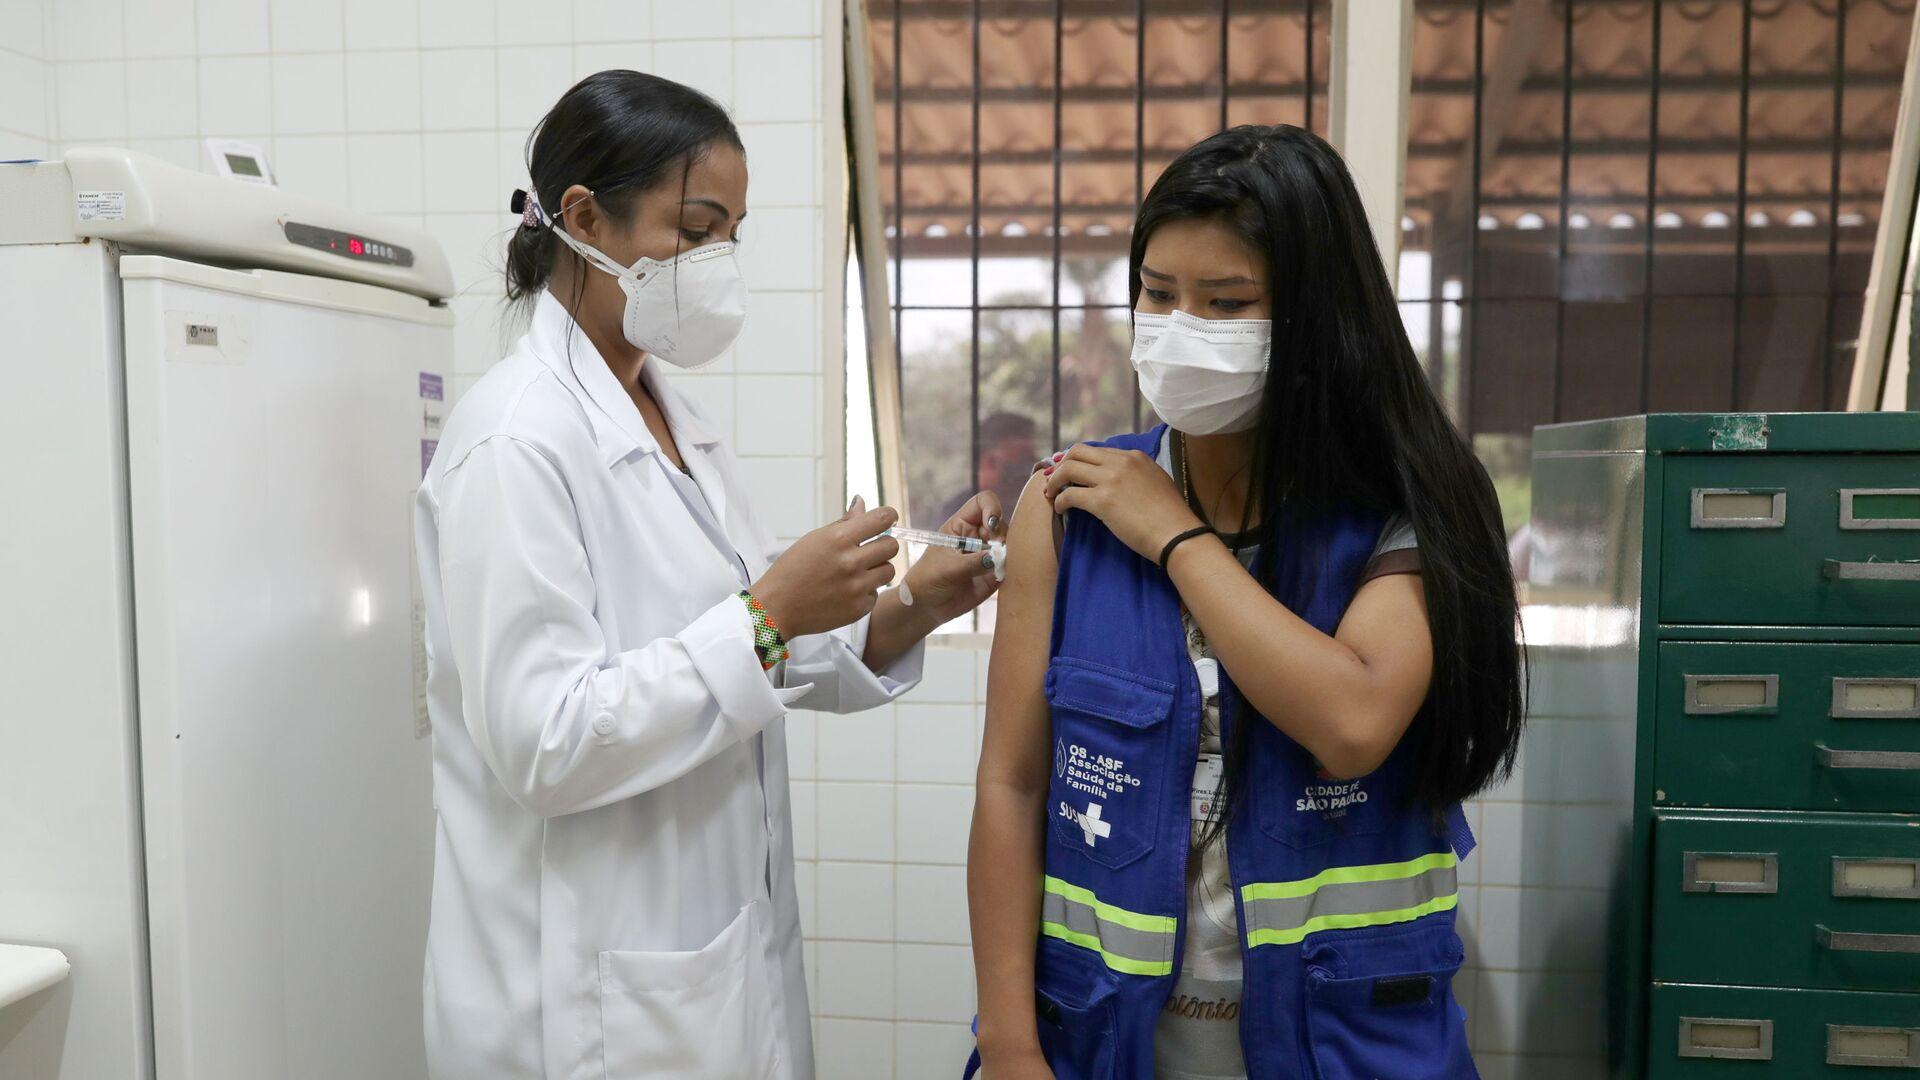 Vacunación contra el coronavirus en Brasil - Sputnik Mundo, 1920, 21.06.2021